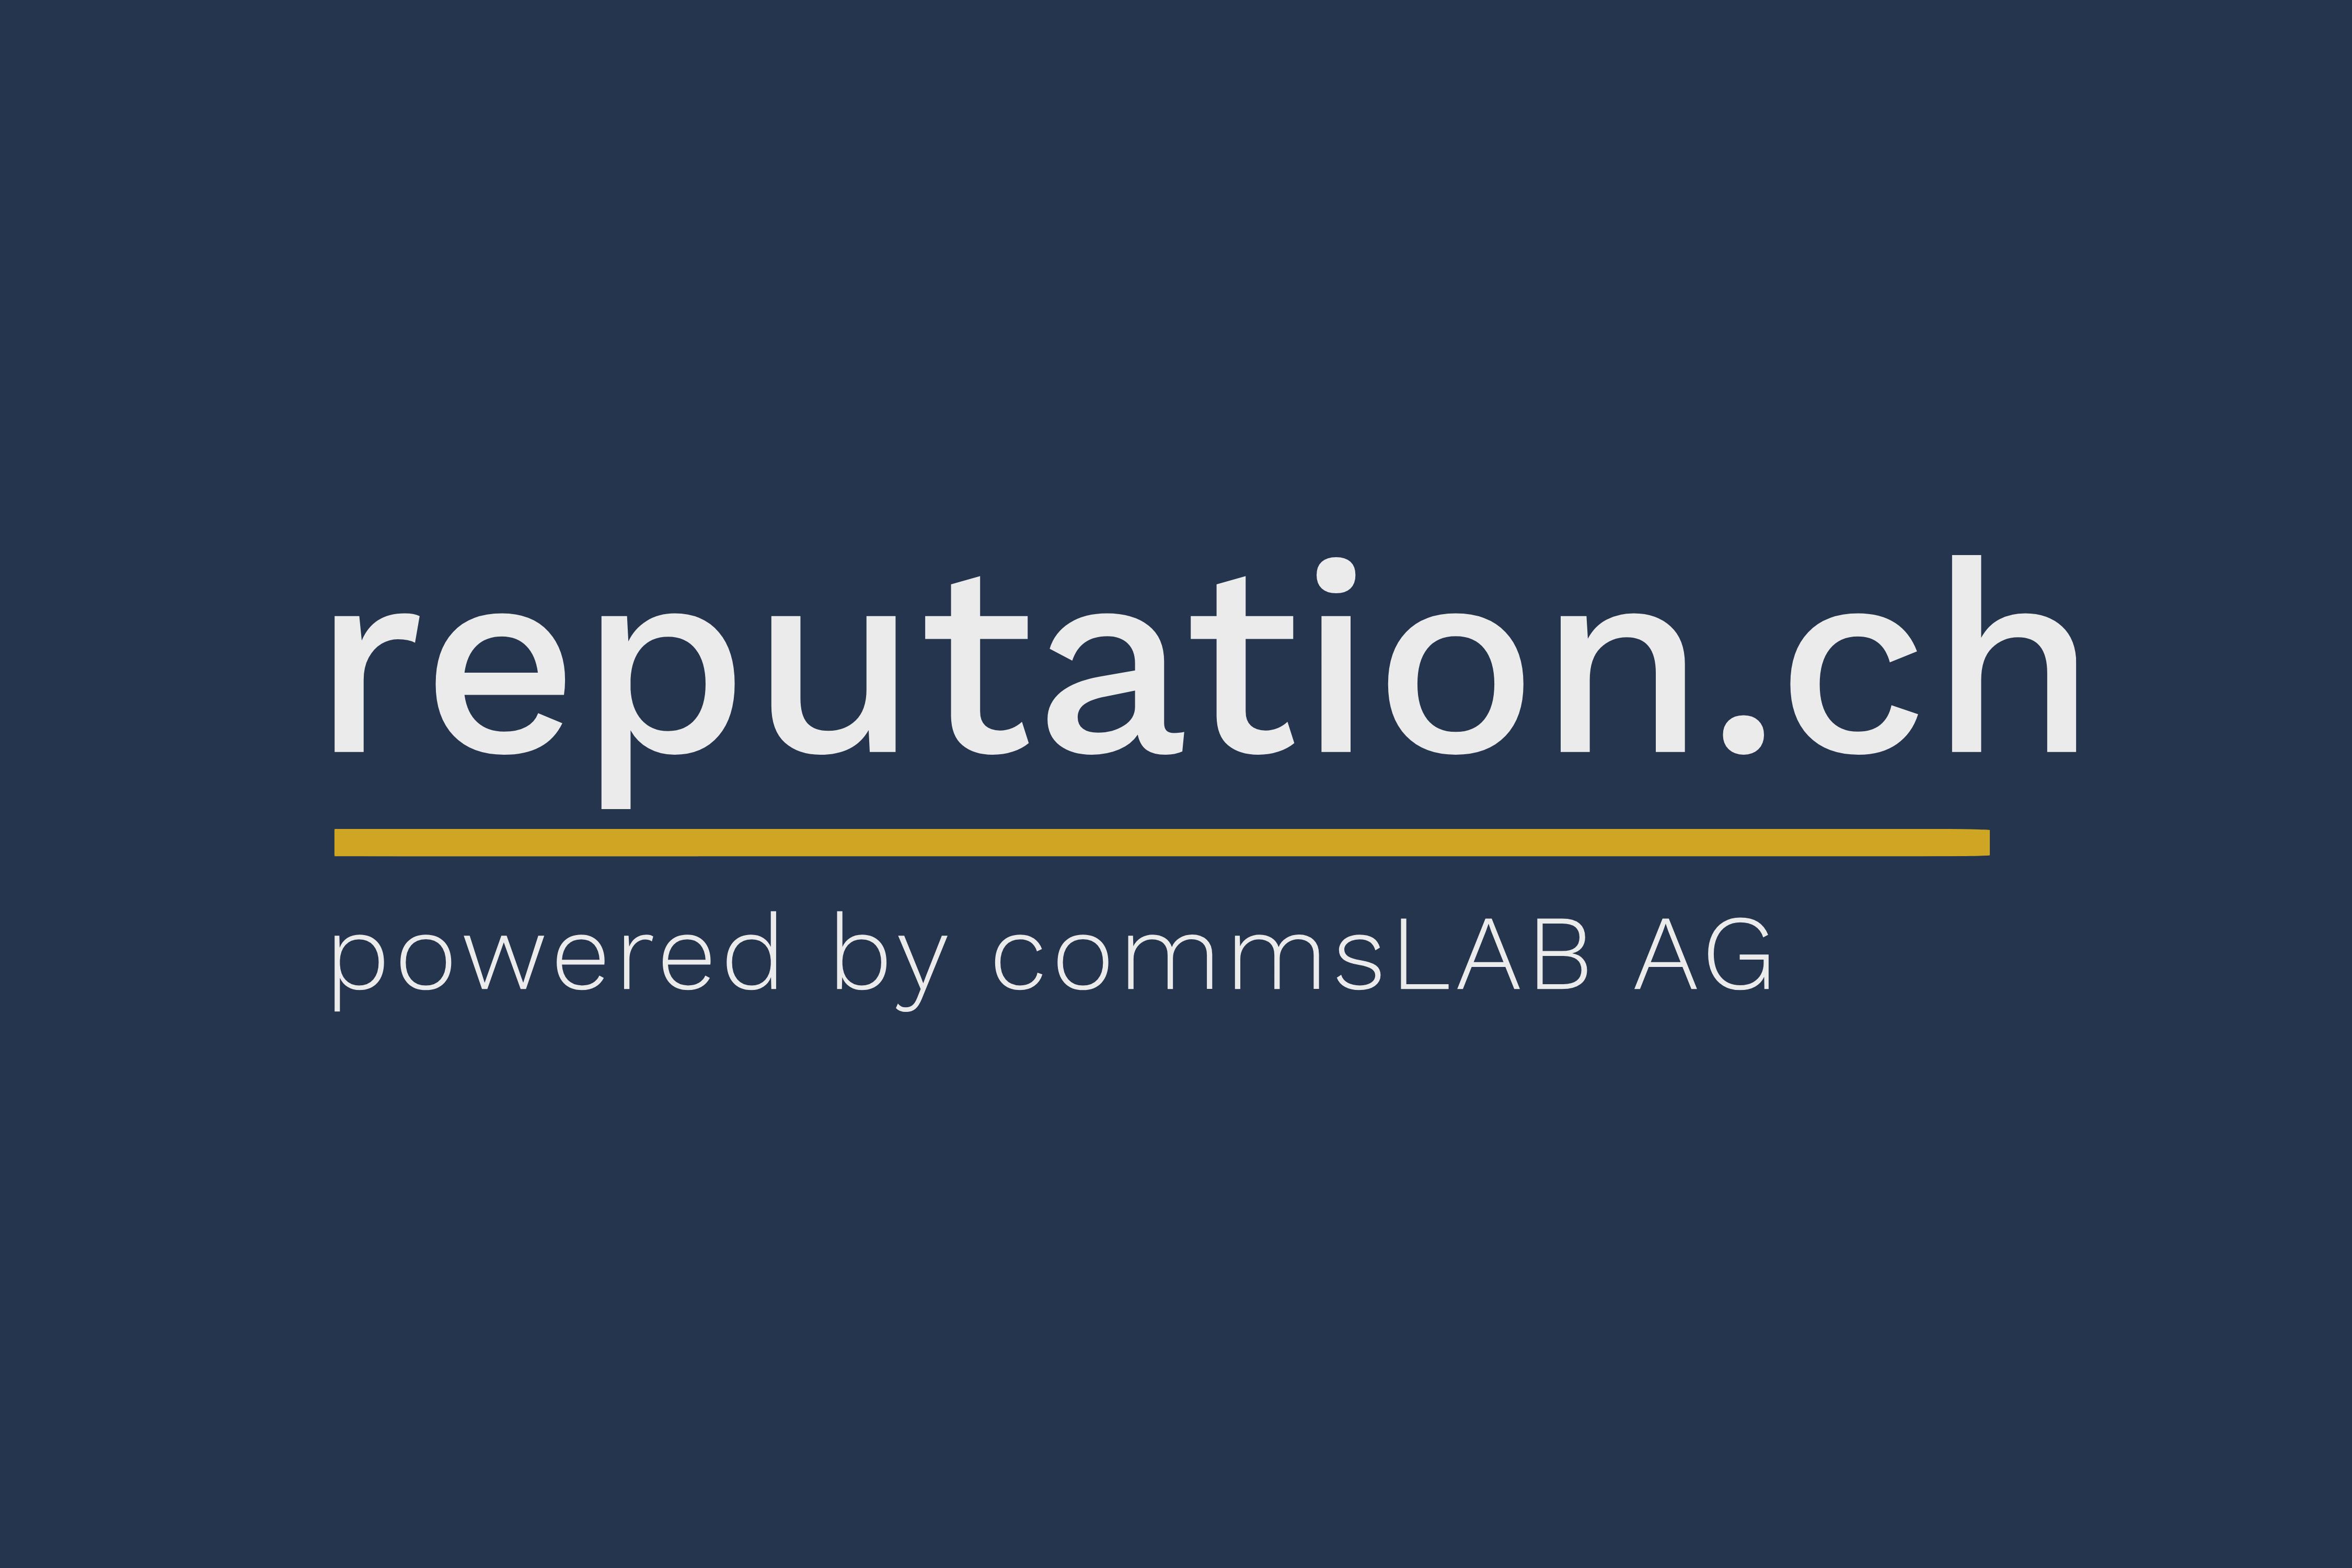 Neue Website reputation.ch mit Daten zur Reputation von Schweizer Akteuren